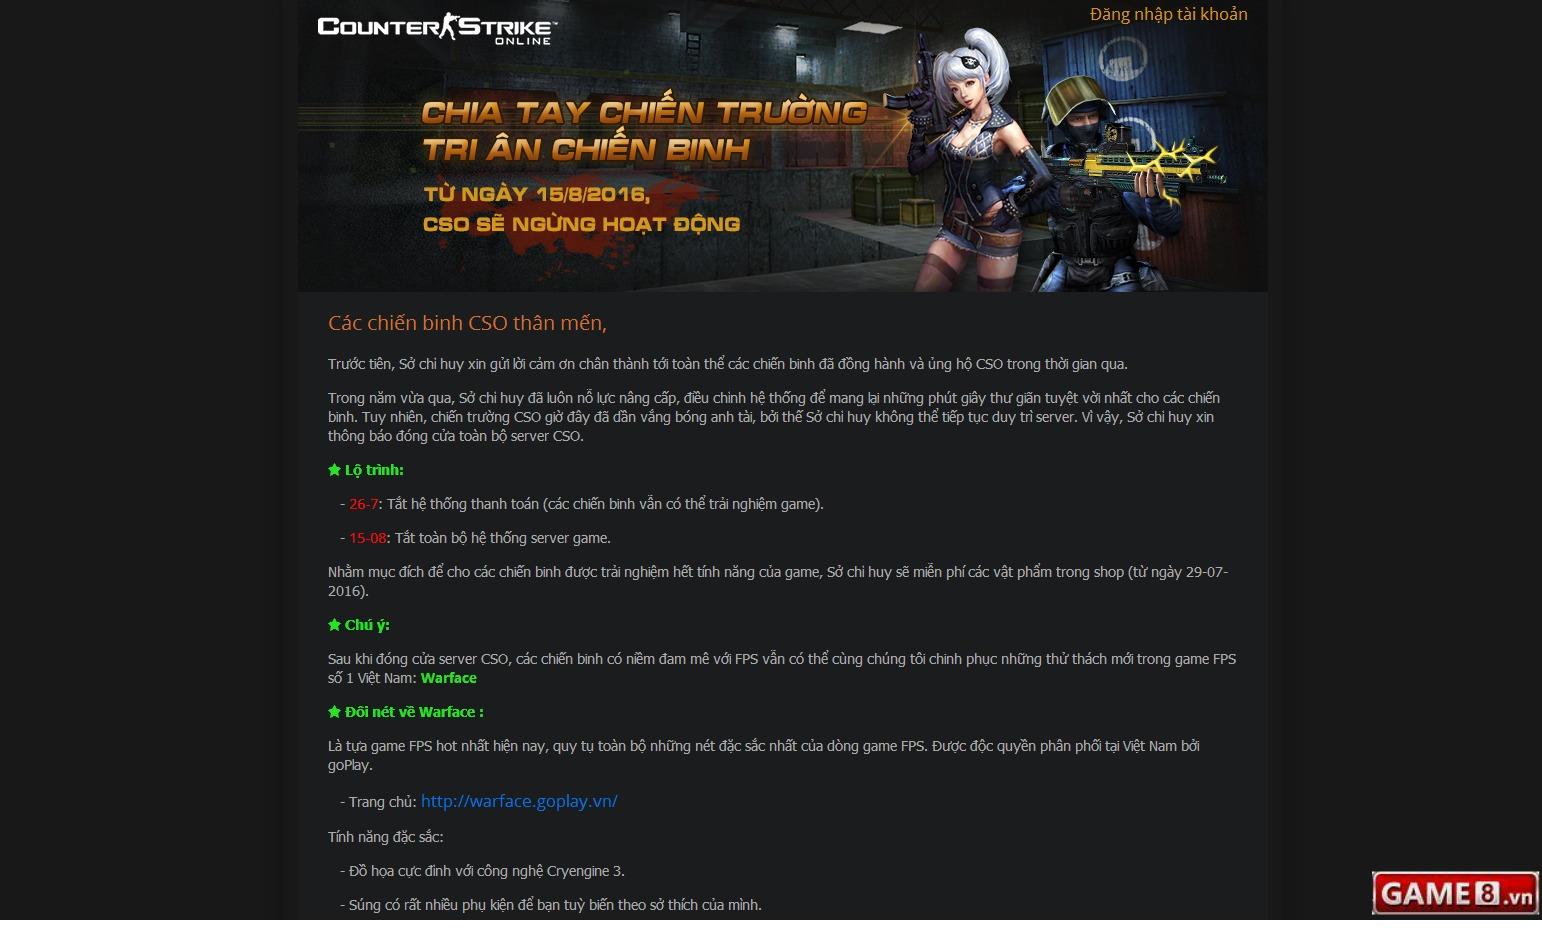 Counter-Strike Online công bố đóng cửa